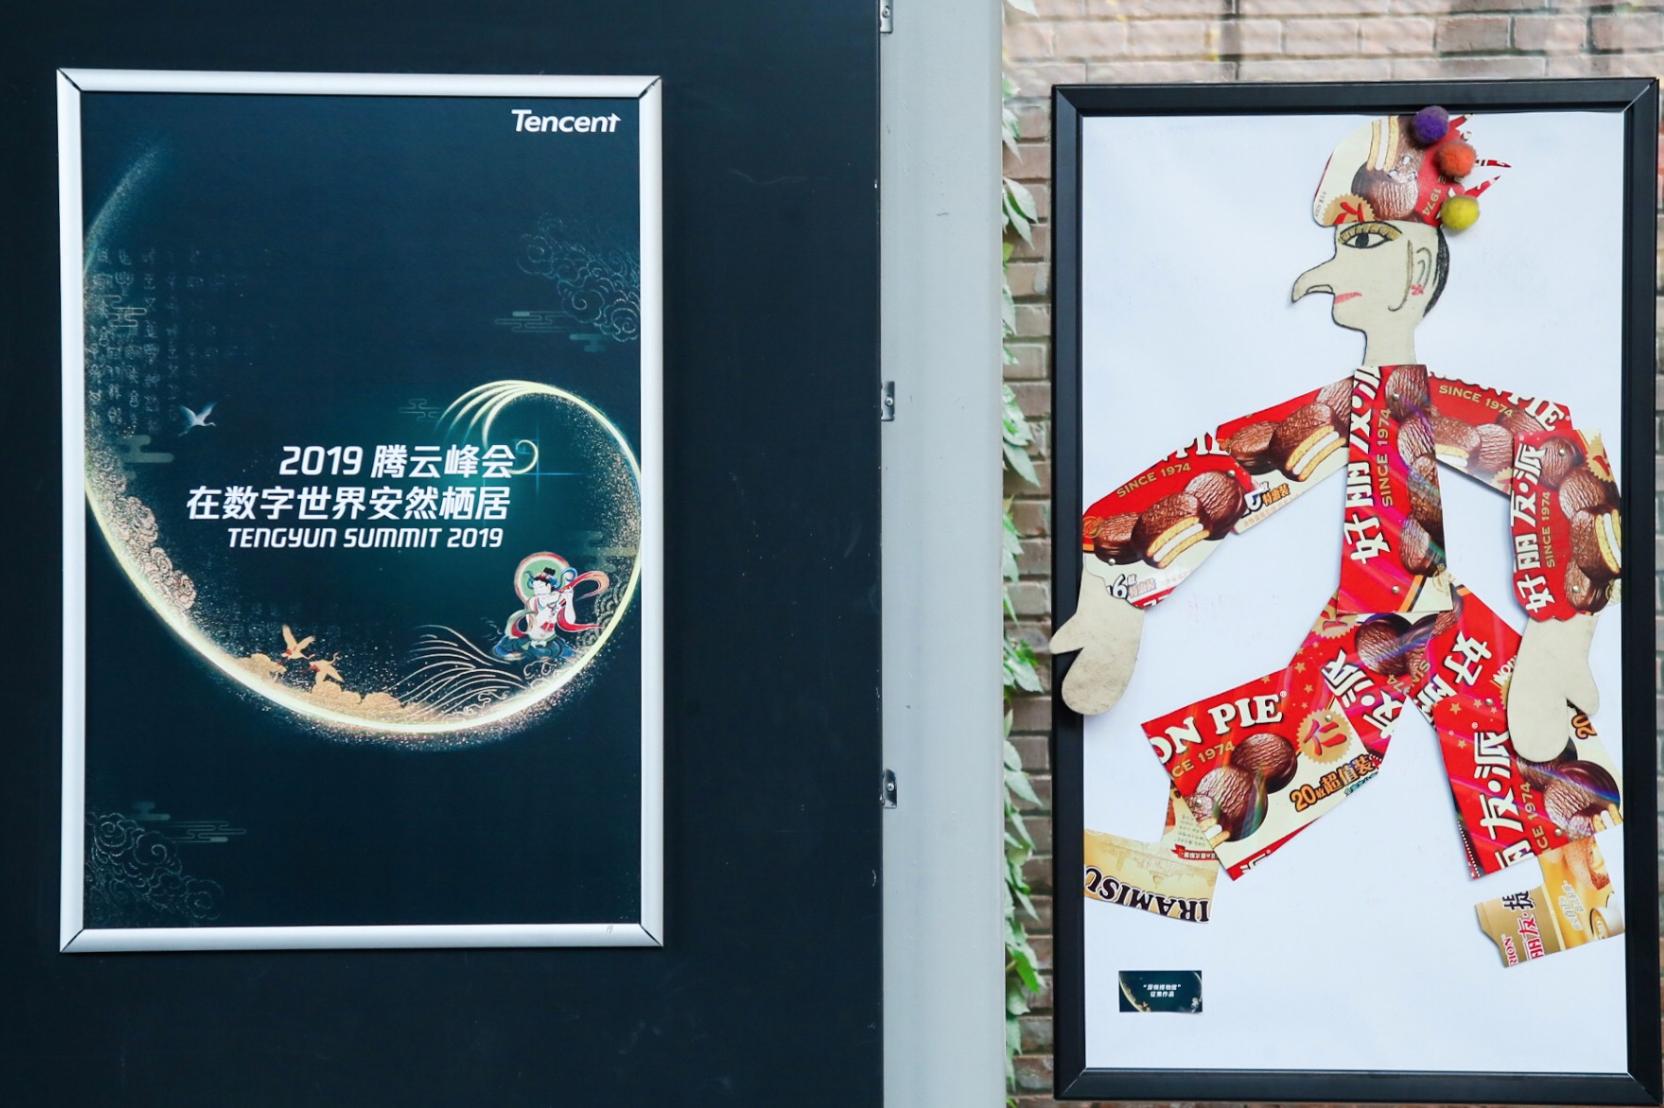 2019騰云峰會發布《數字新青年研究報告》:近九成年輕人對傳統文化感興趣